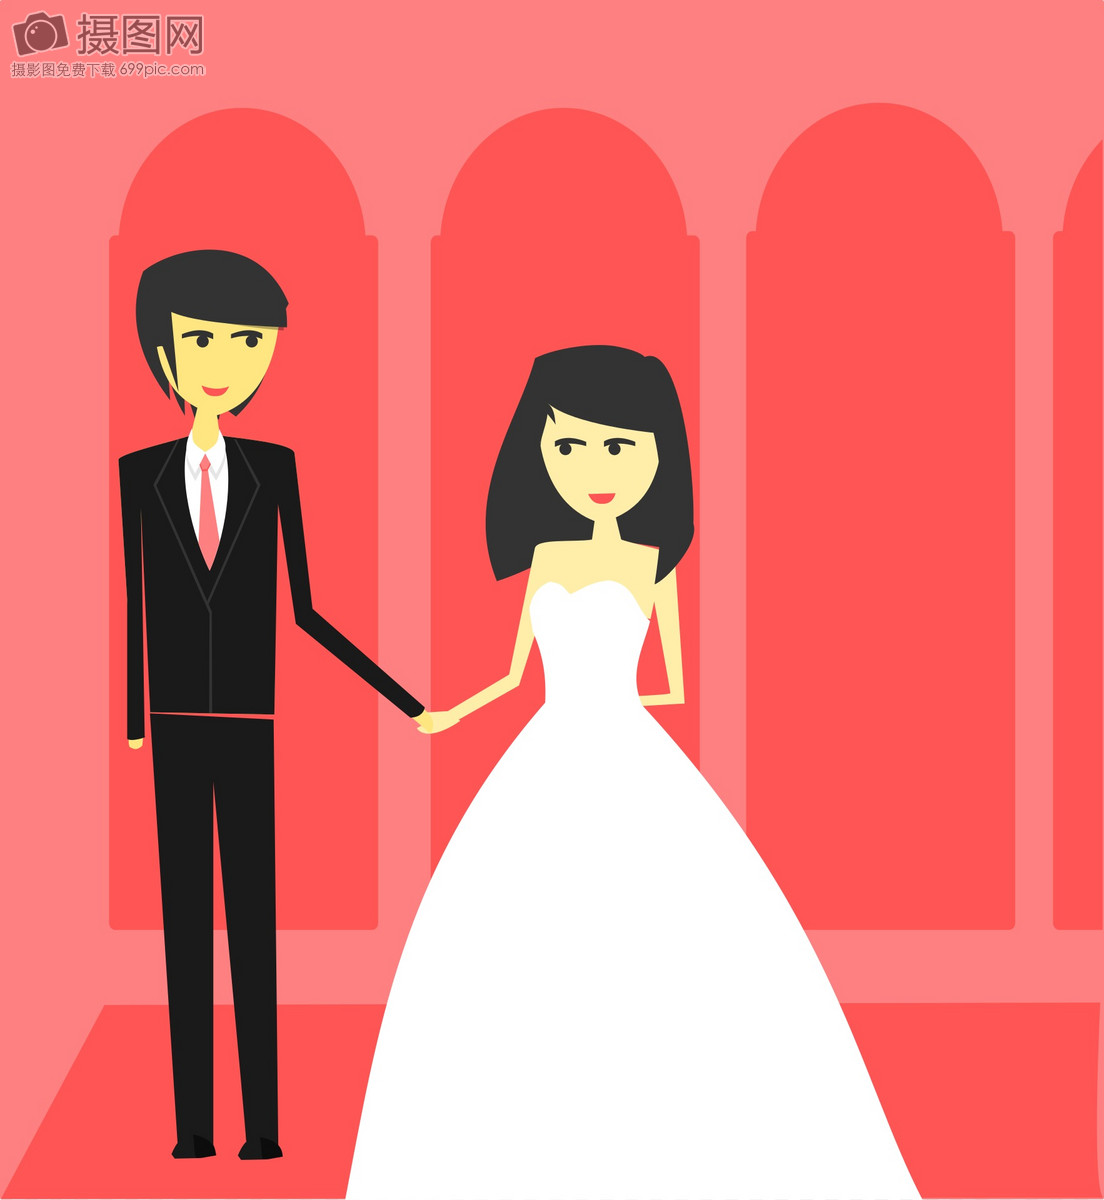 浪漫的夫妇图片素材_免费下载_svg图片格式_高清图片